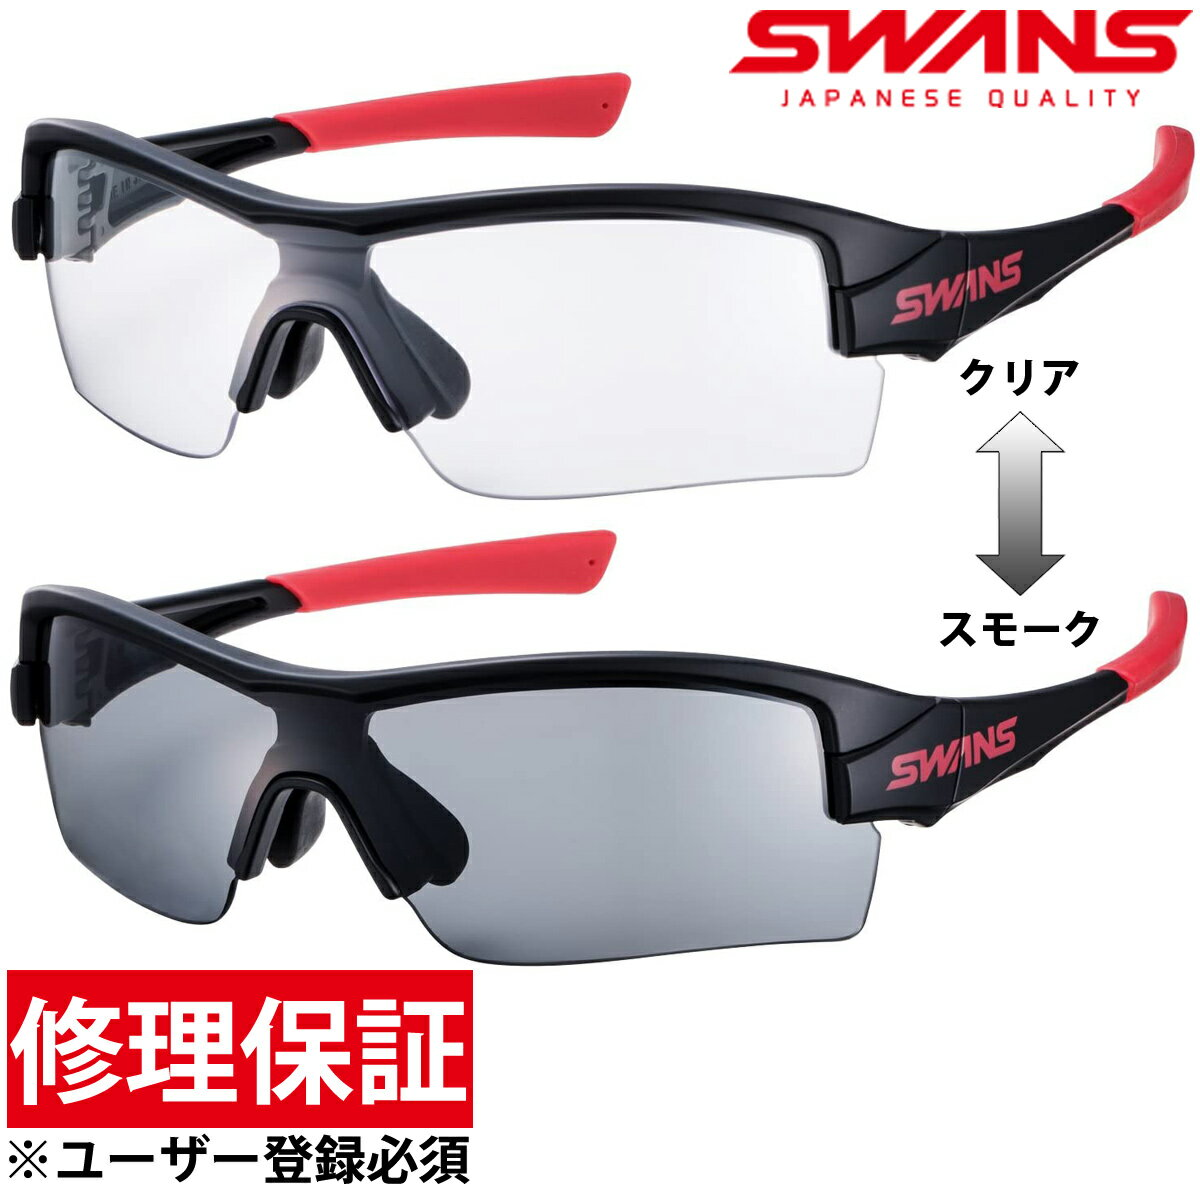 スポーツサングラス STRIX・H ストリックス・エイチ 調光レンズモデル STRIX H-0066 UV 紫外線カット サングラス メンズ おすすめ 人気 SWANS スワンズ